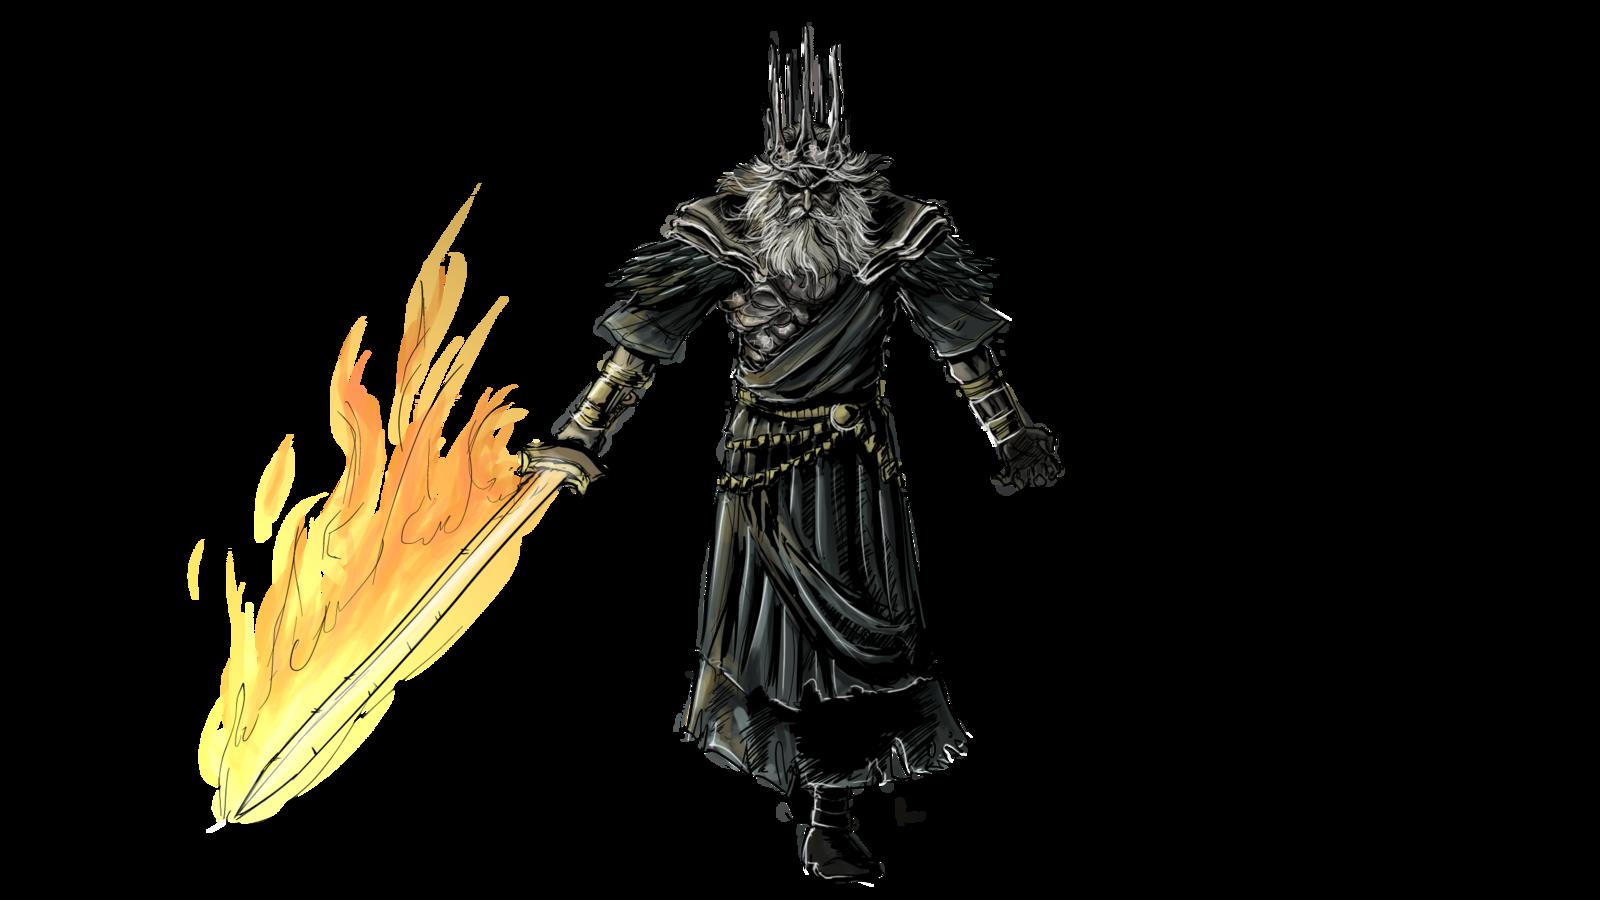 Dark Souls Png Image - Dark Souls PNG